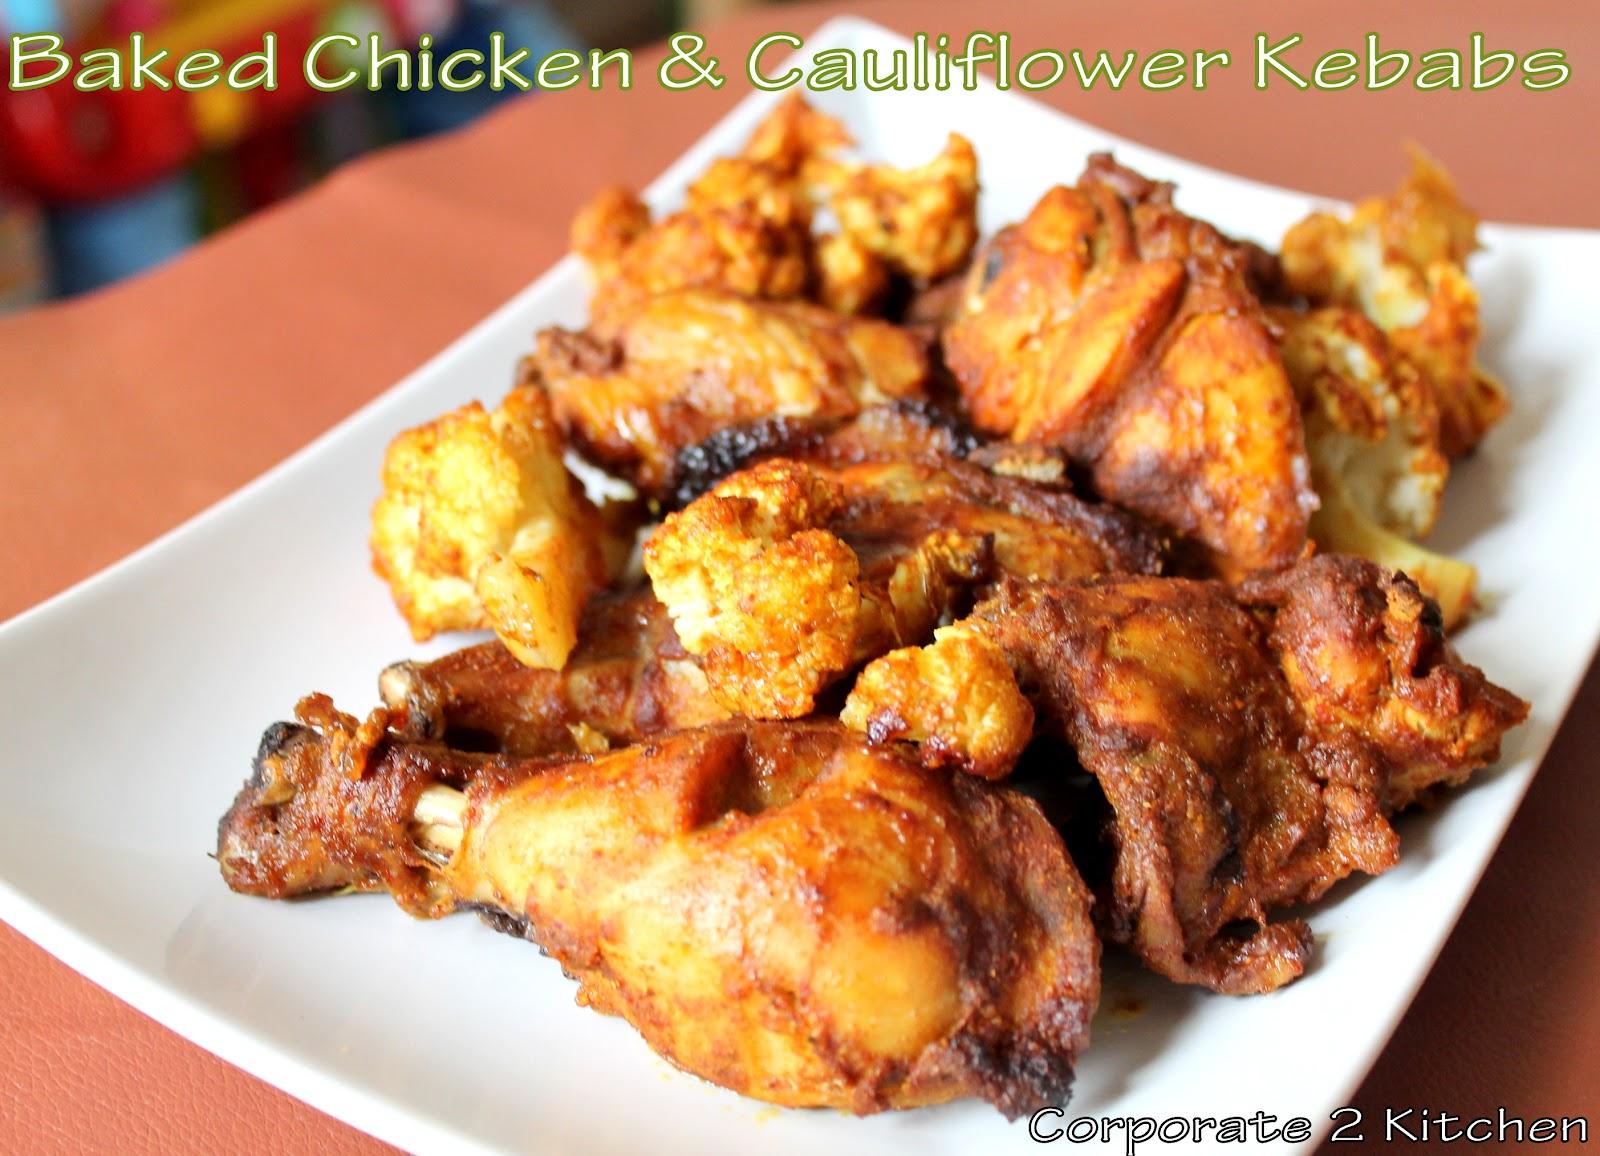 Korporate 2 Kitchen: Baked Juicy Chicken Kebabs